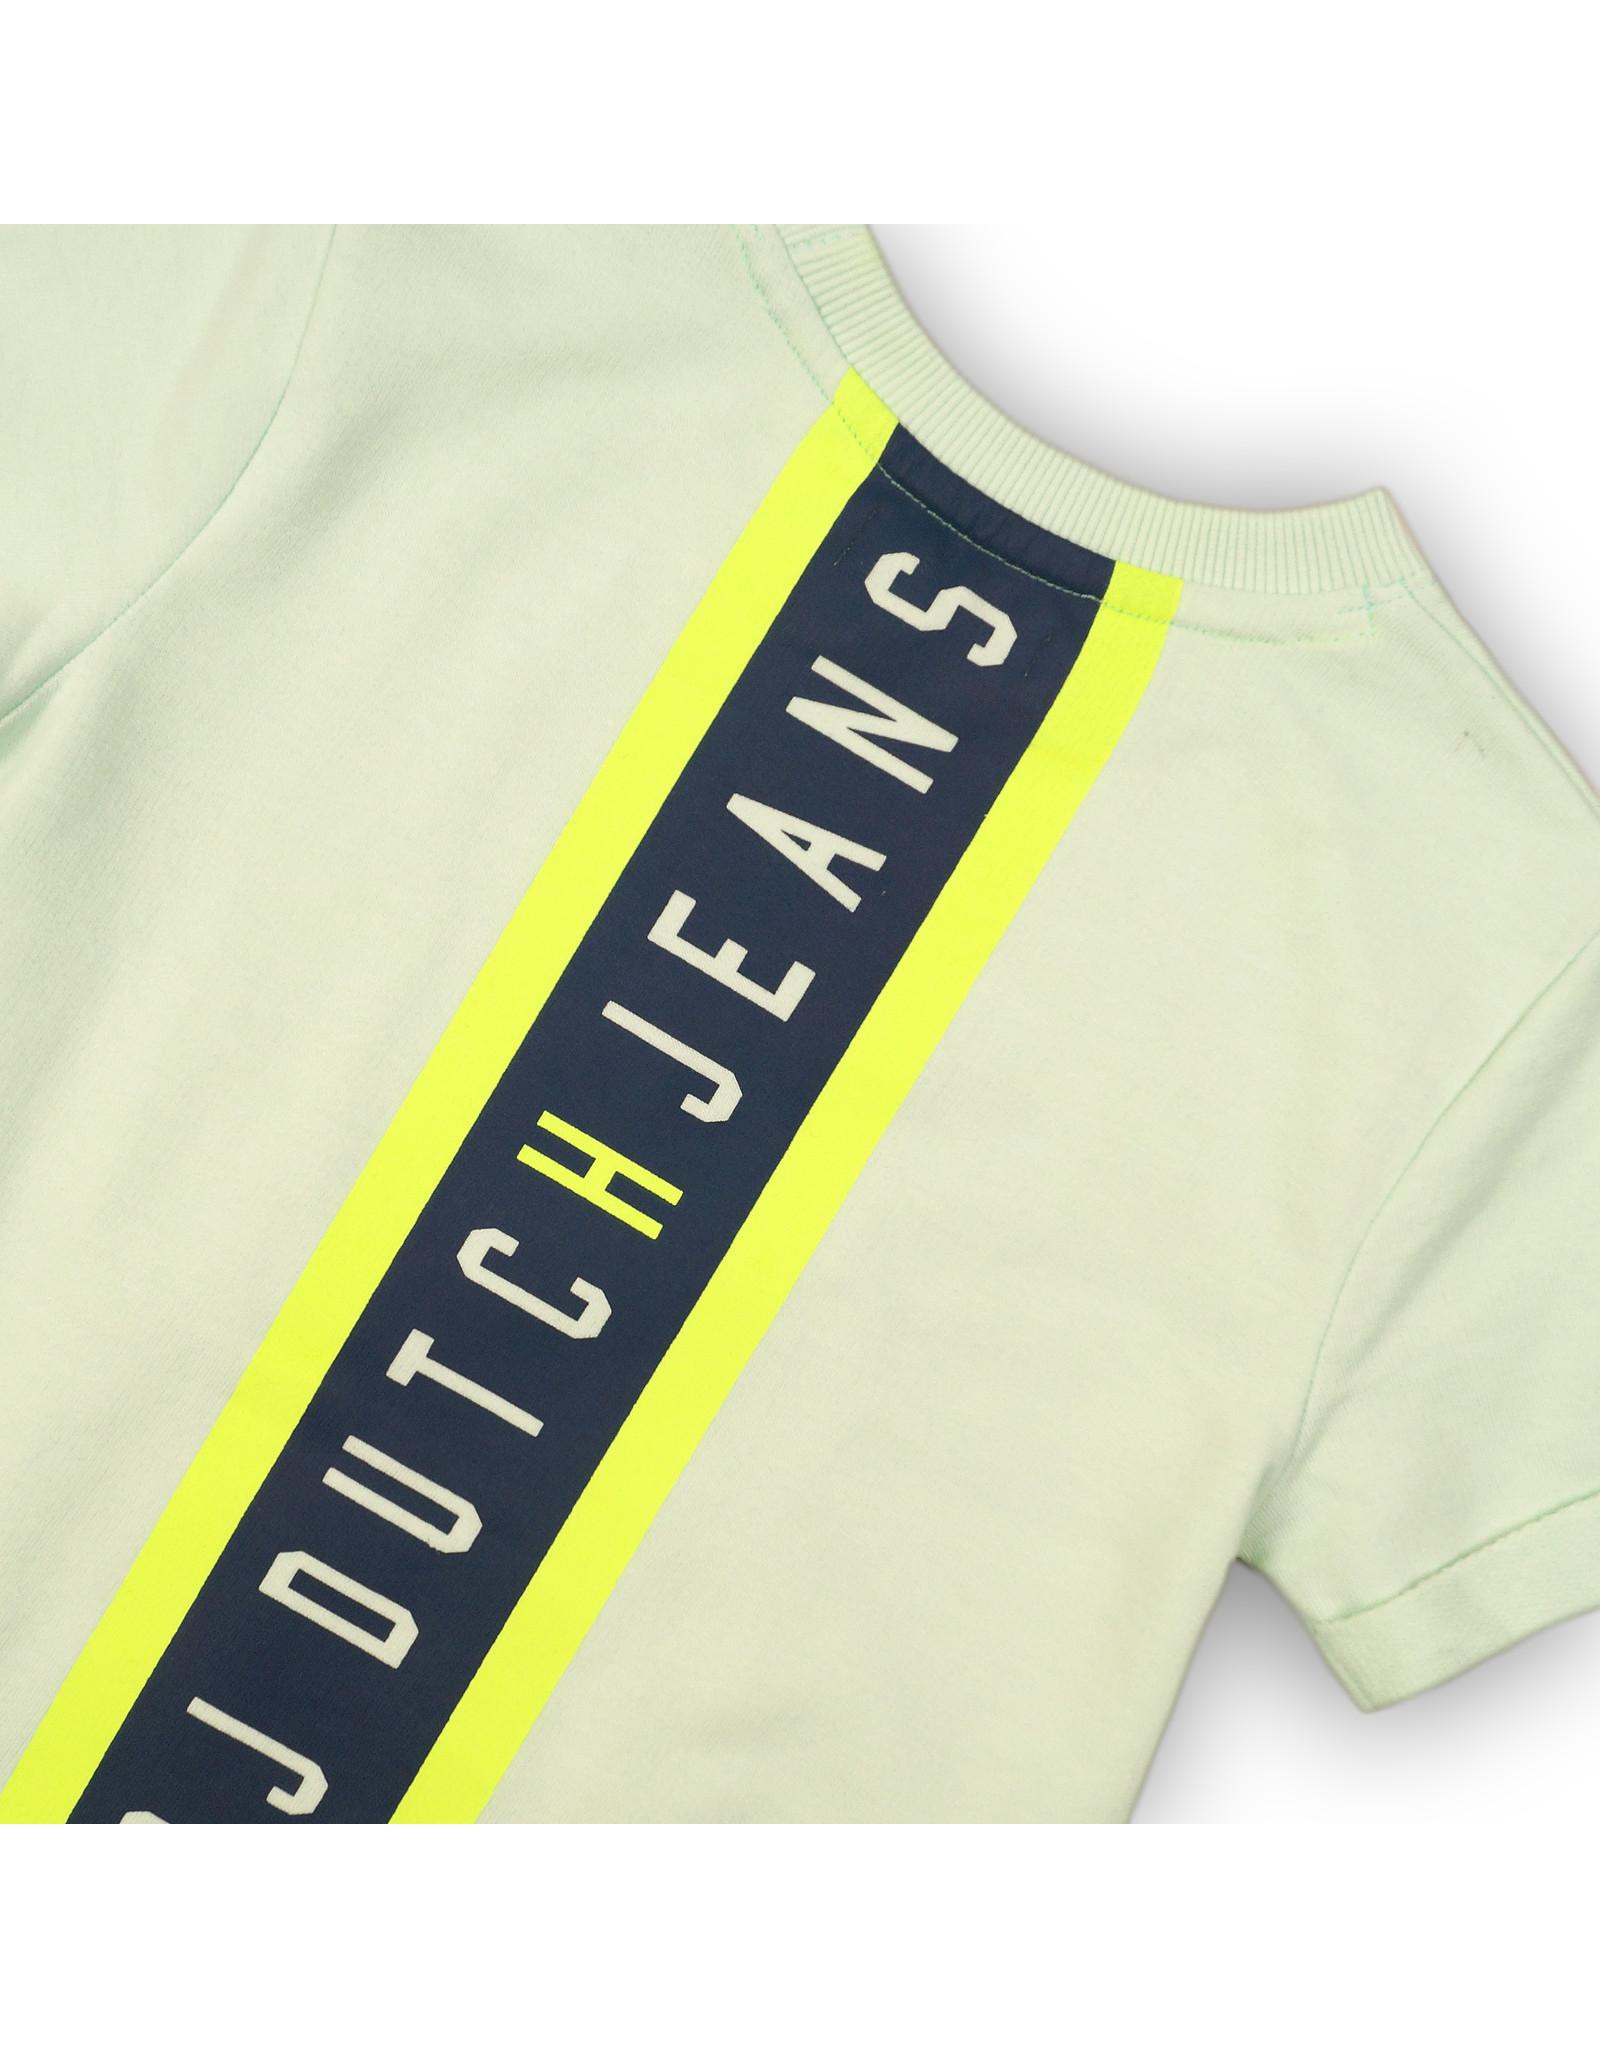 Dutch Jeans T-shirt long, 45C-34161